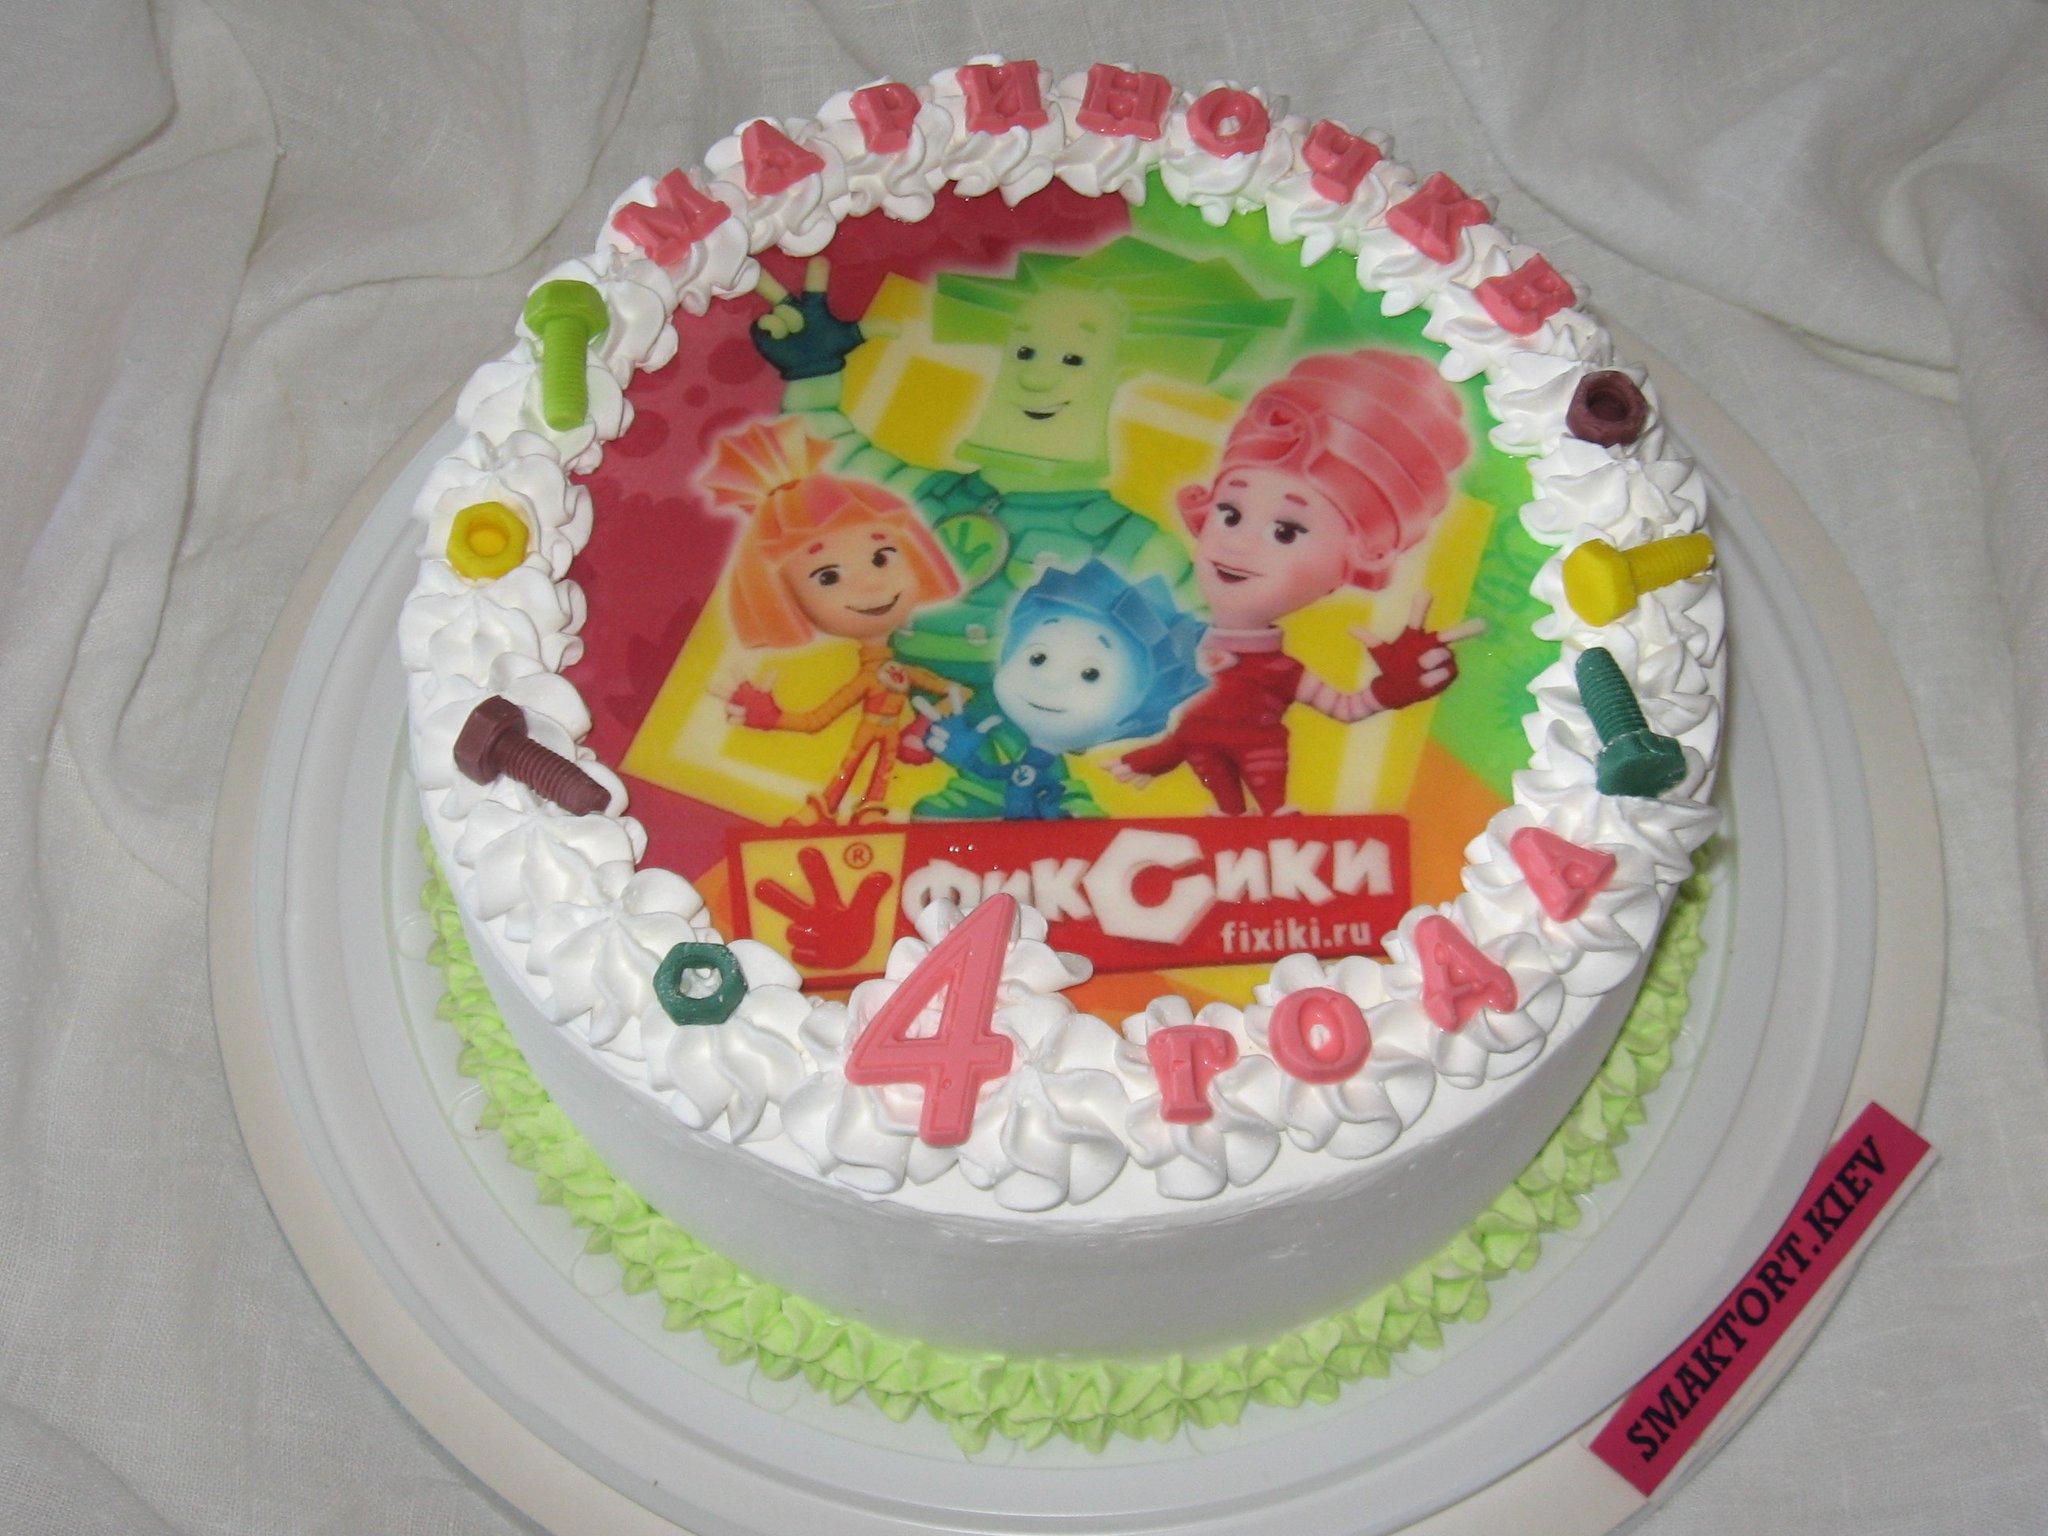 Вечер, картинка с фиксиками на торт